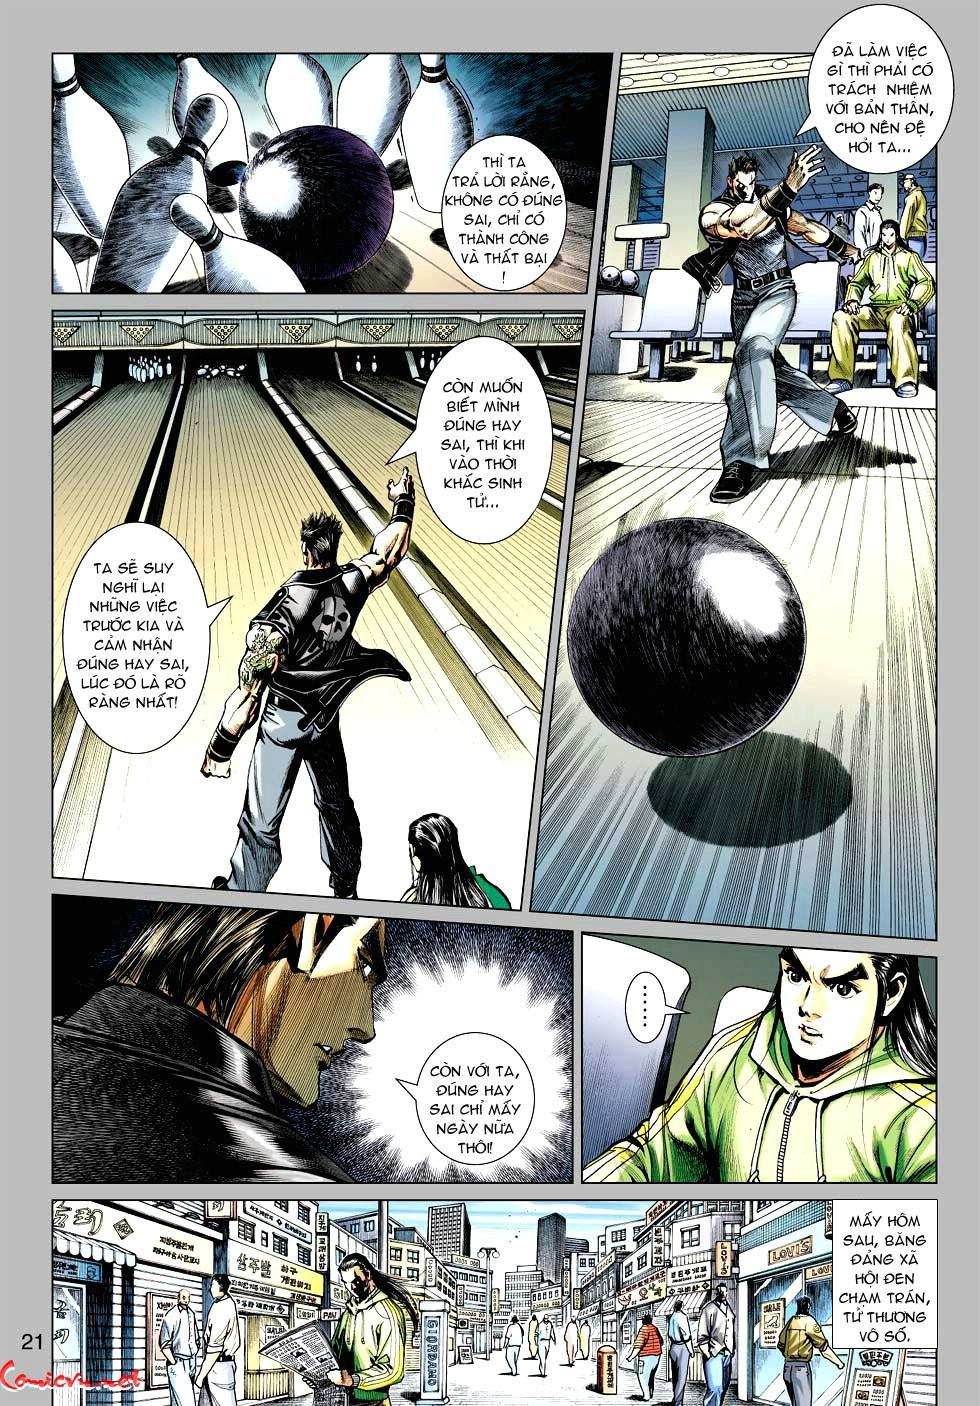 Vương Phong Lôi 1 chap 34 - Trang 21